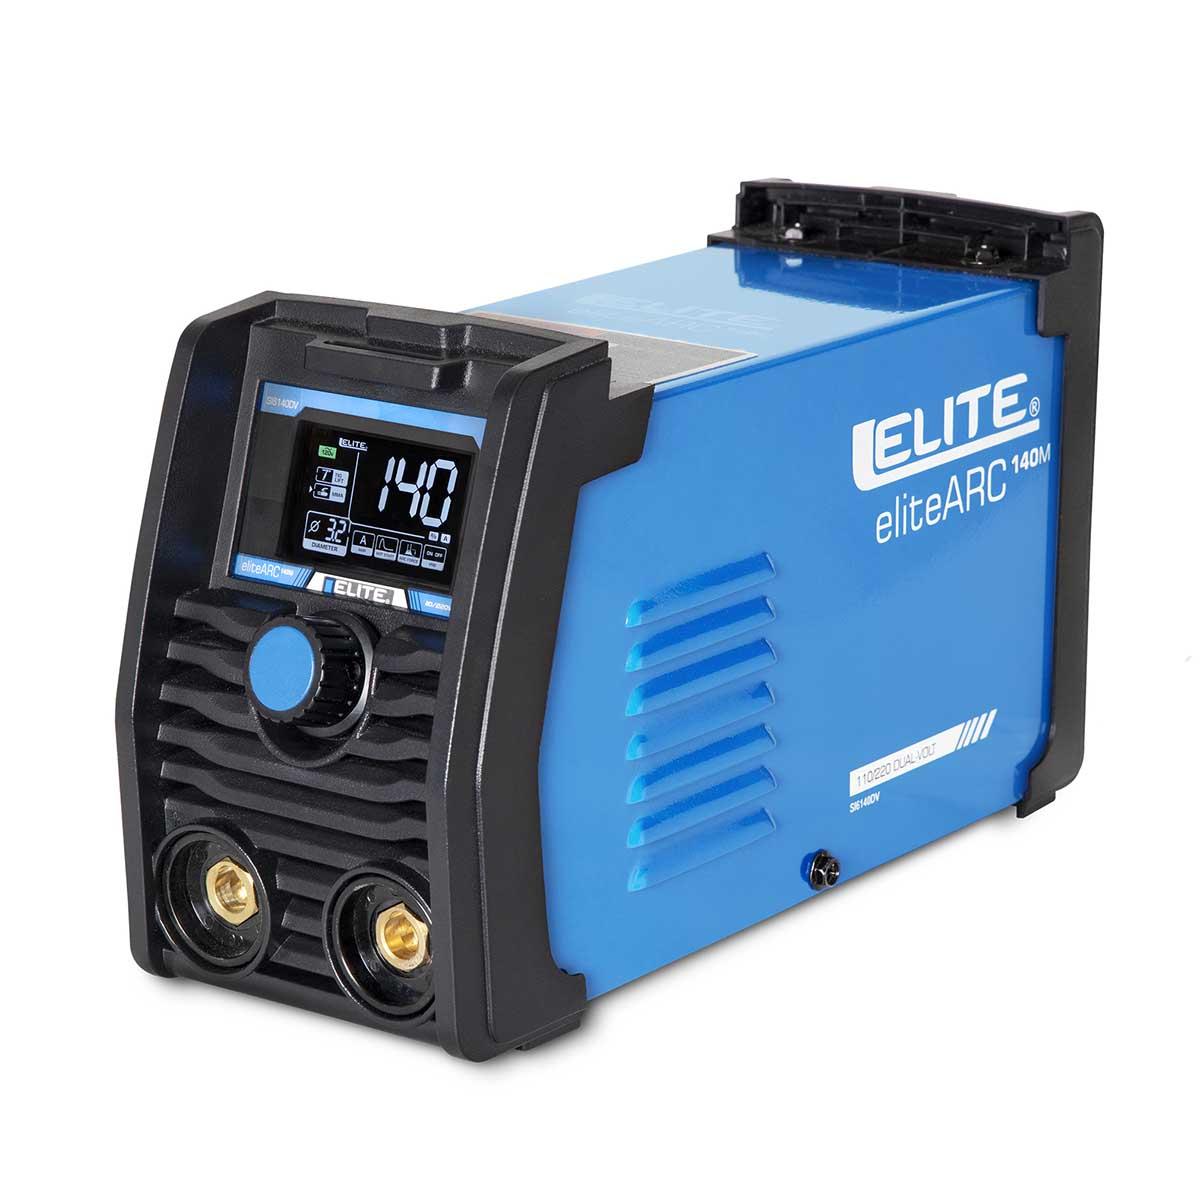 Soldadora Inversora Inverter Multifuncional 110V 220 V Elite